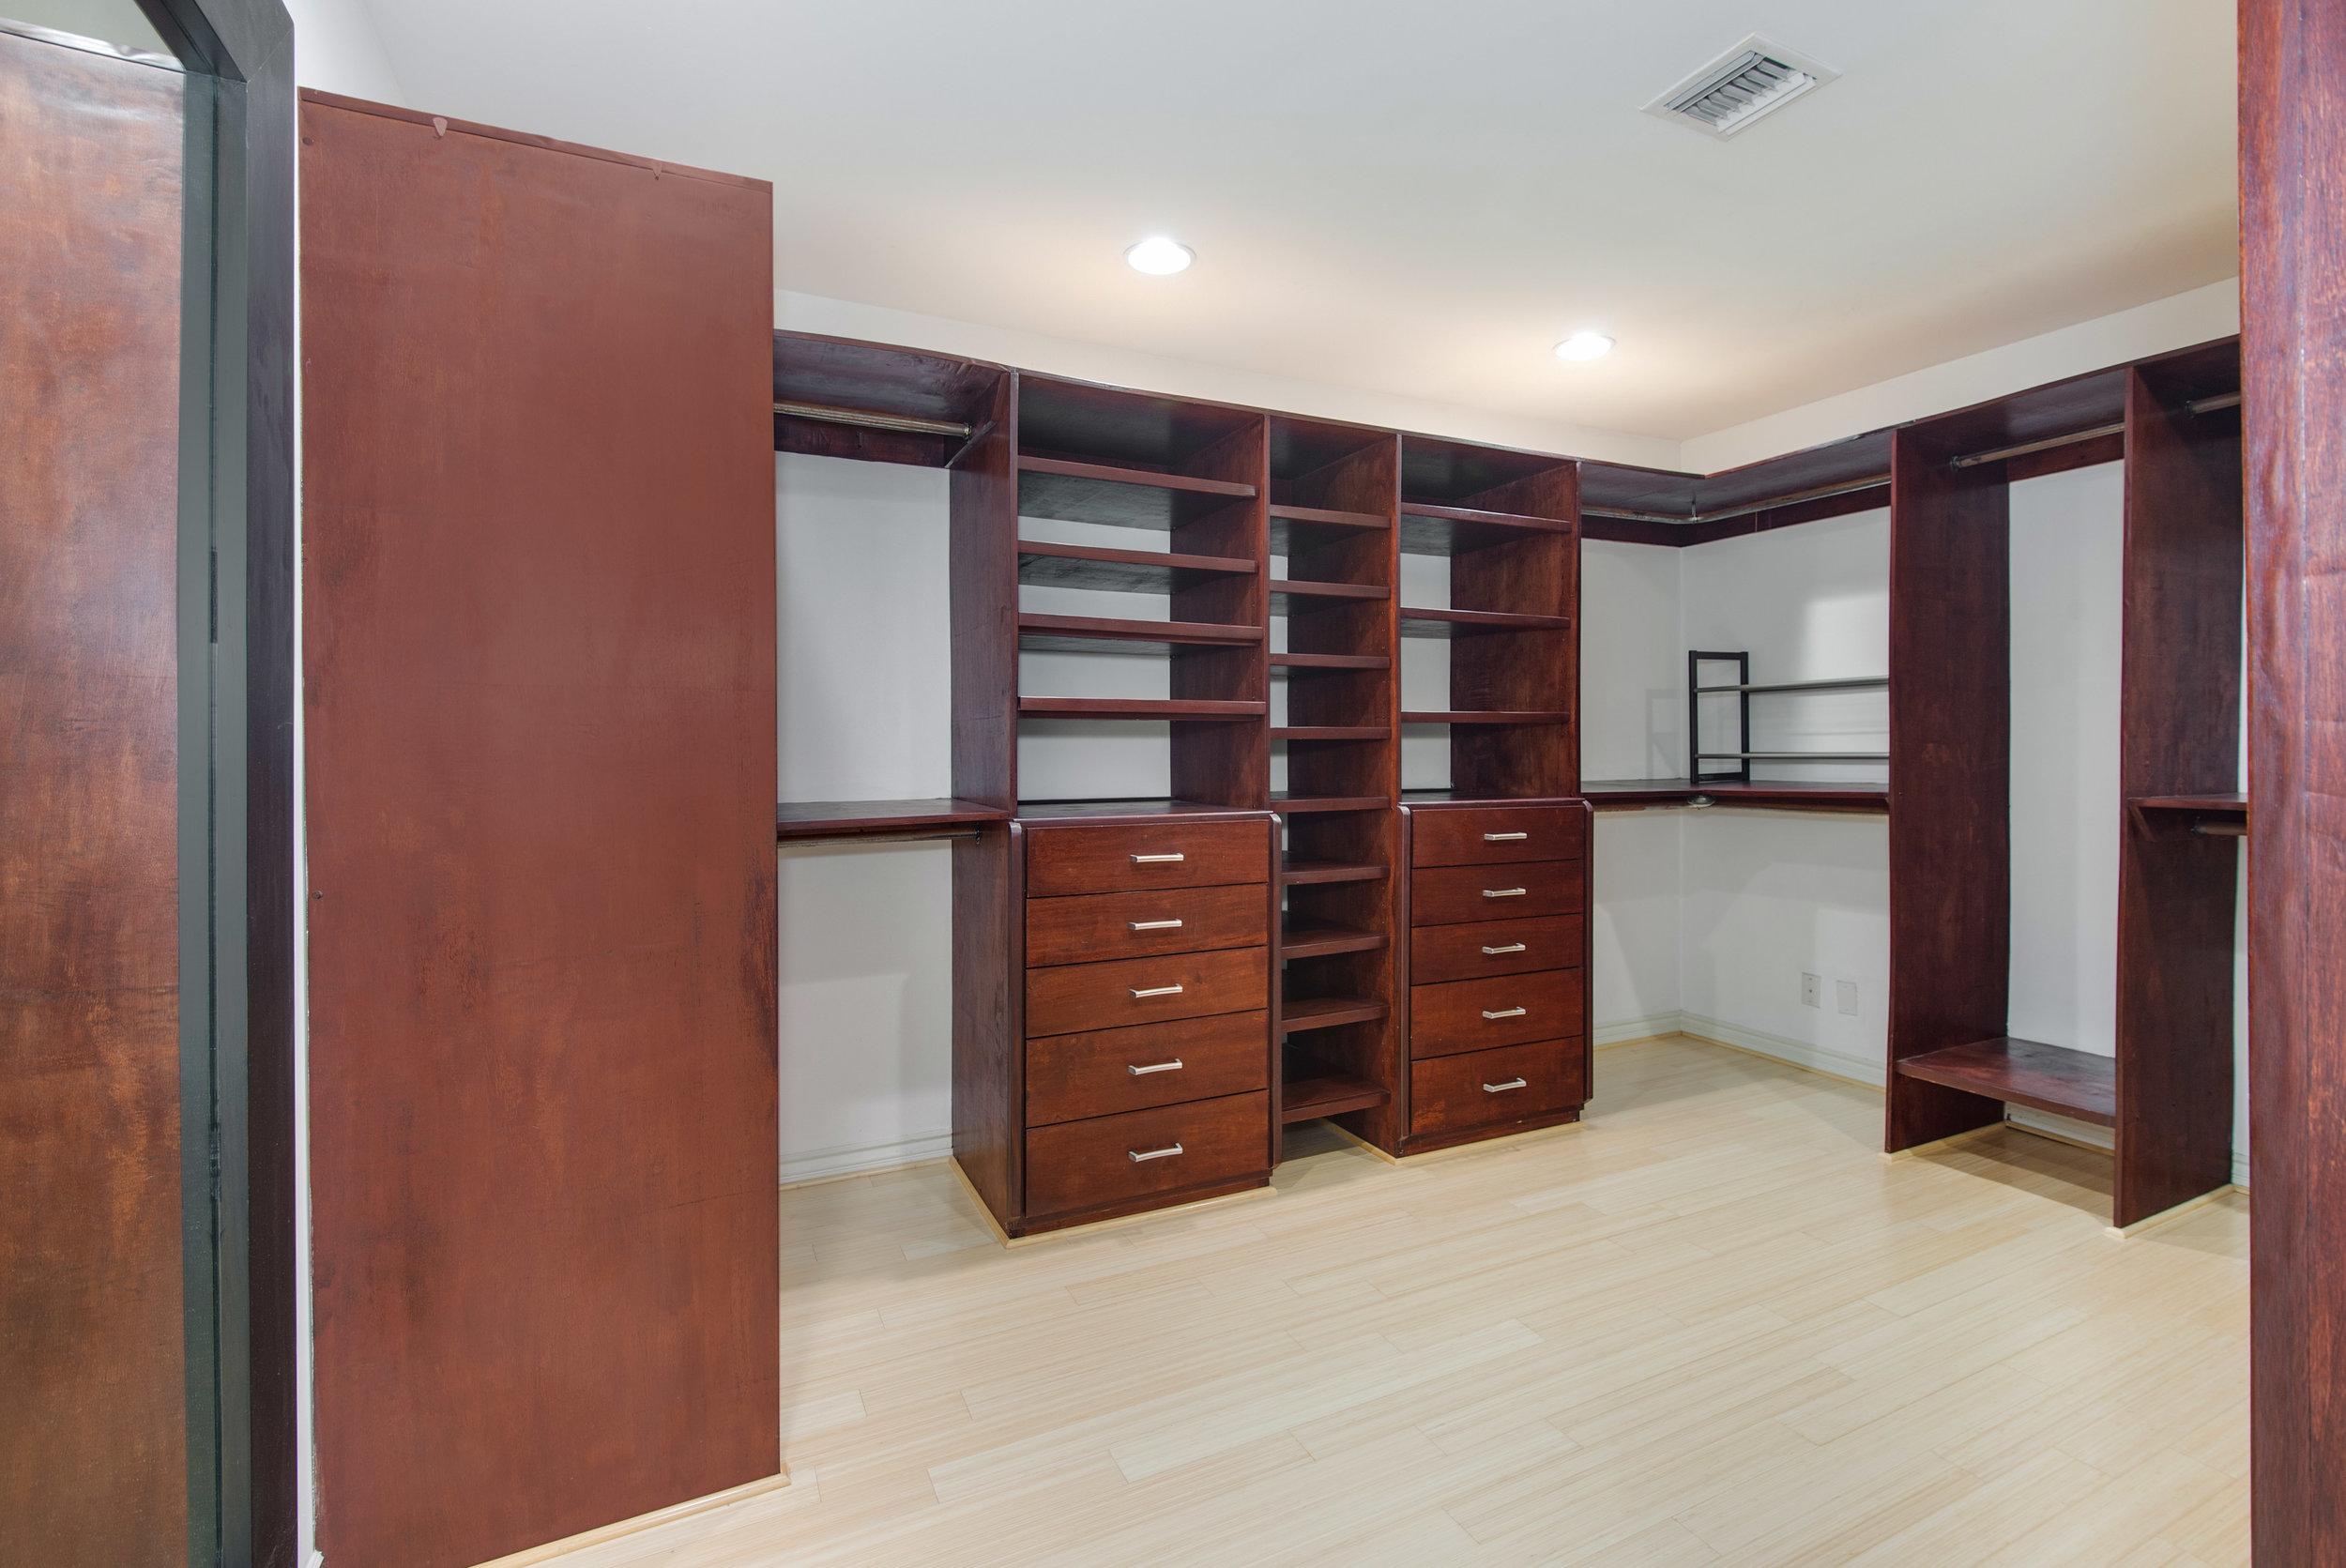 018 Master Closet 25342 Malibu Road For Sale Lease The Malibu Life Team Luxury Real Estate.jpg